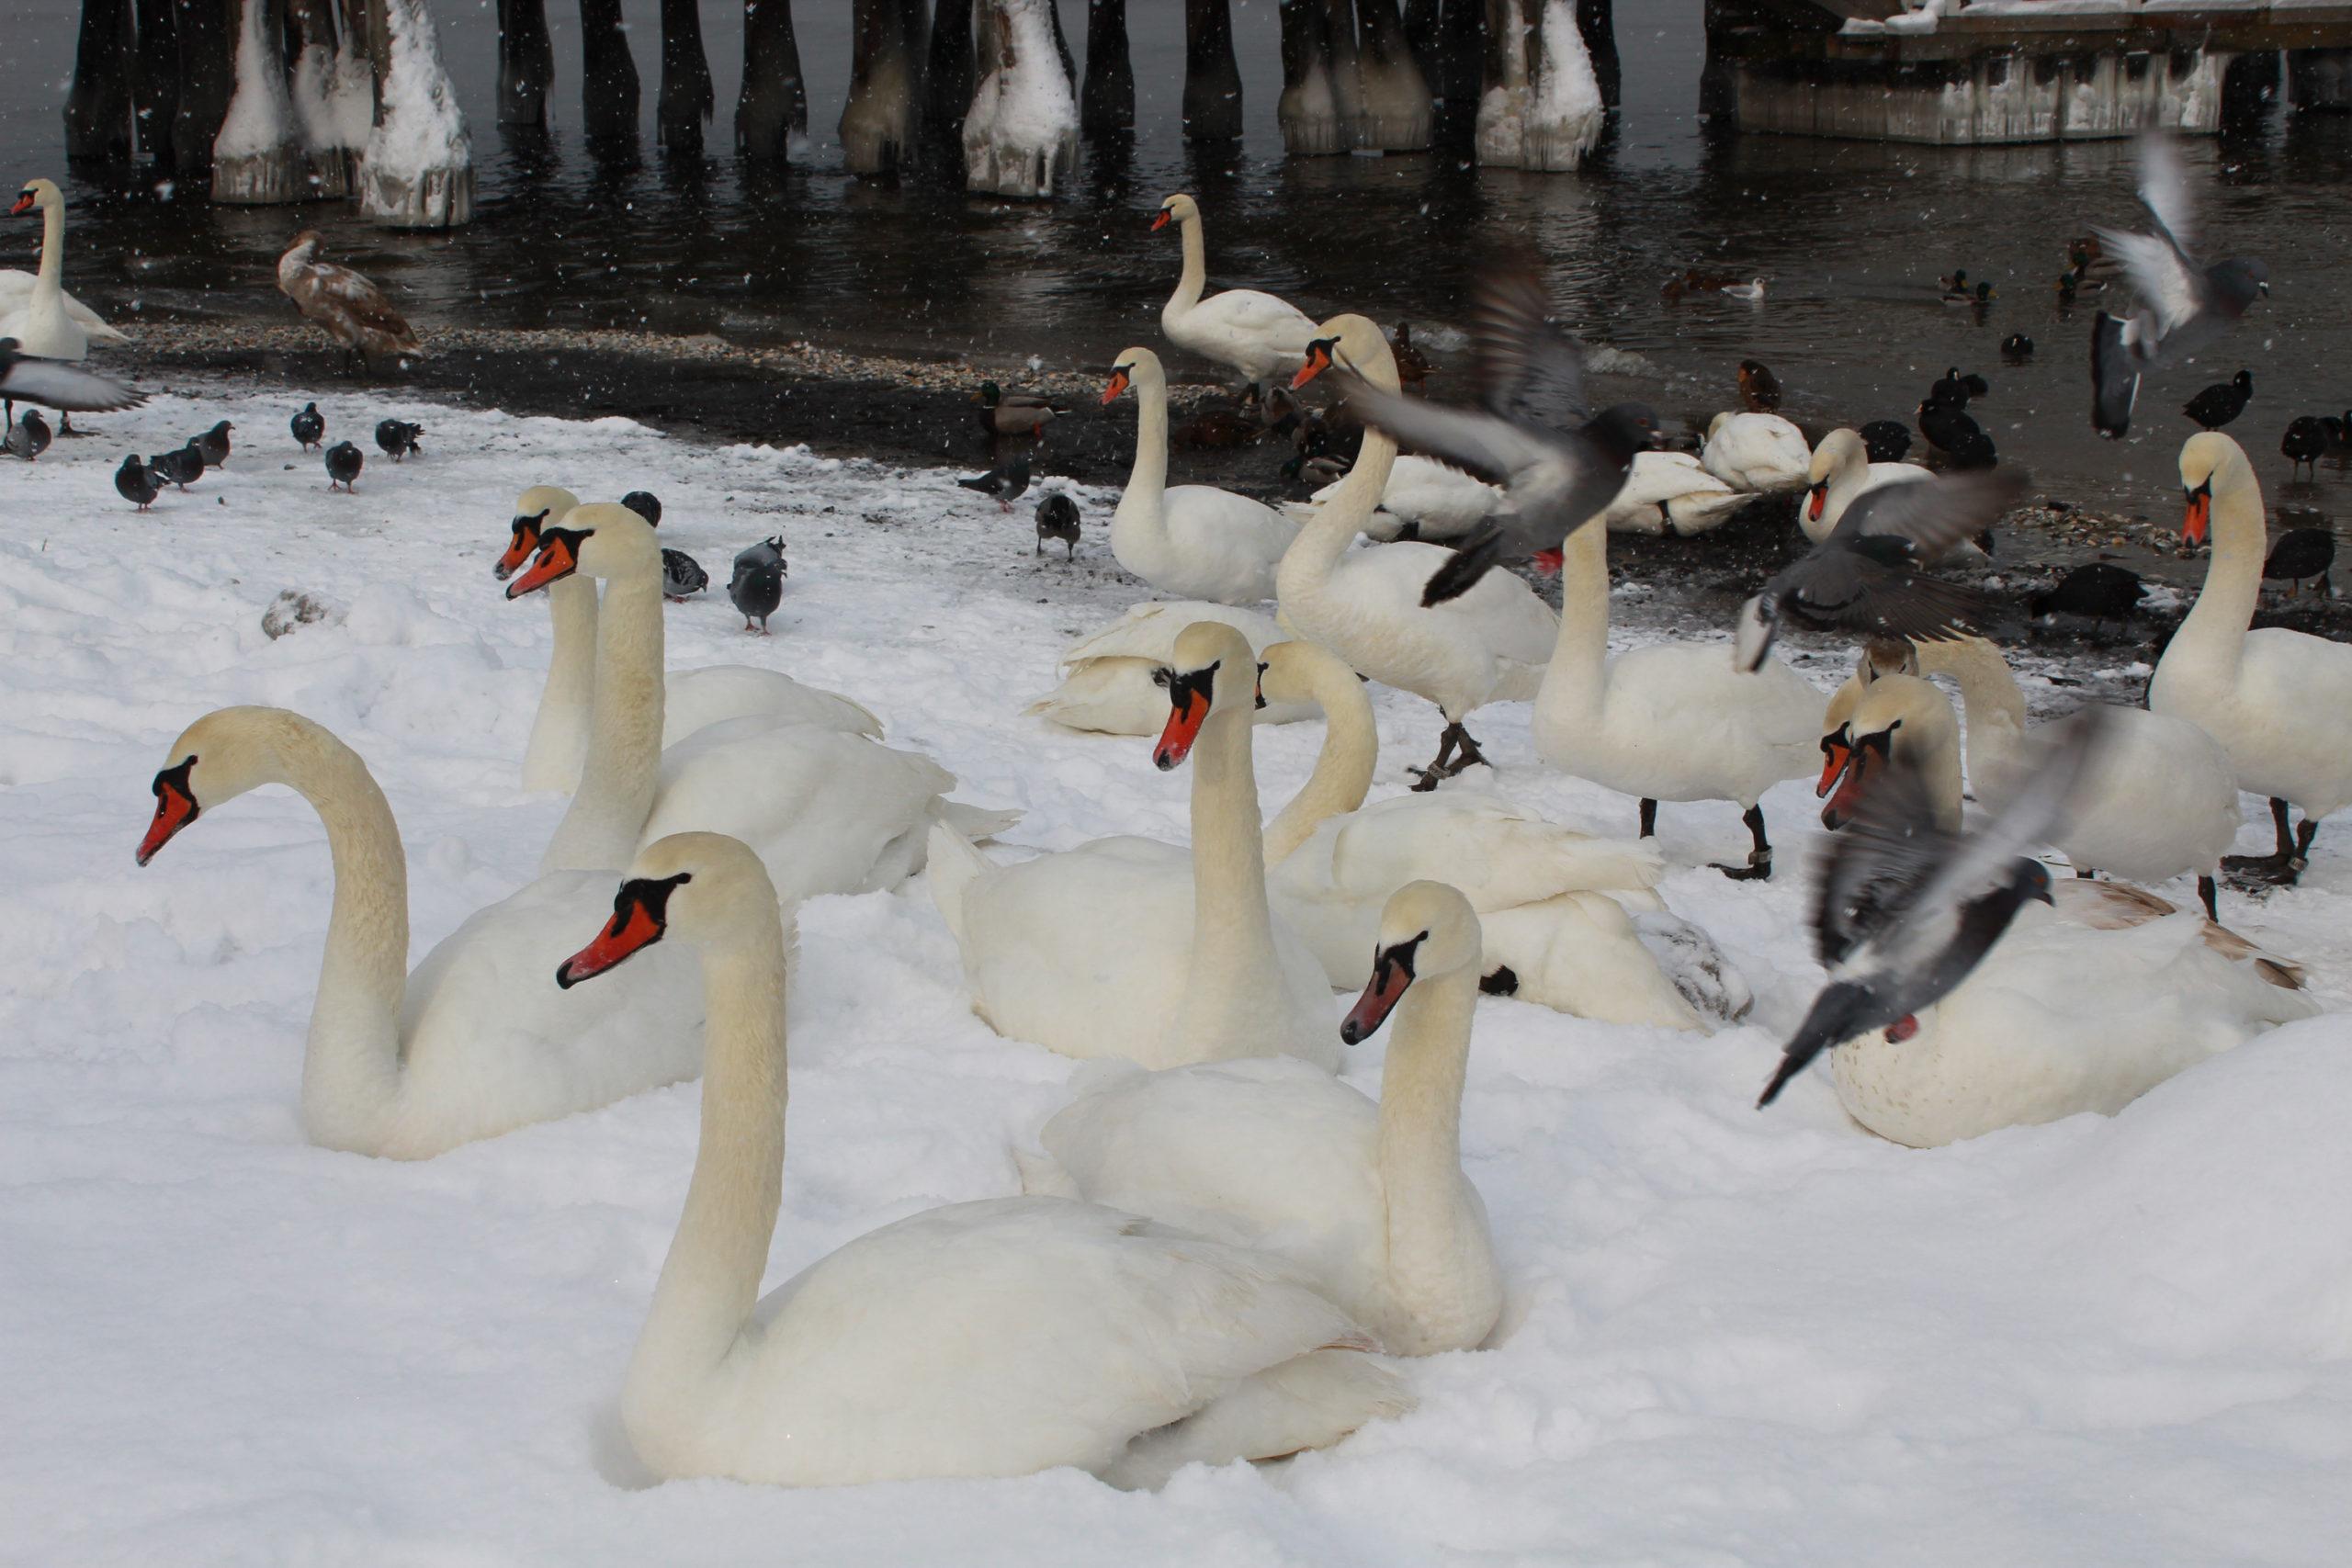 łabędzie i gołębie na zaśnieżonej plaży